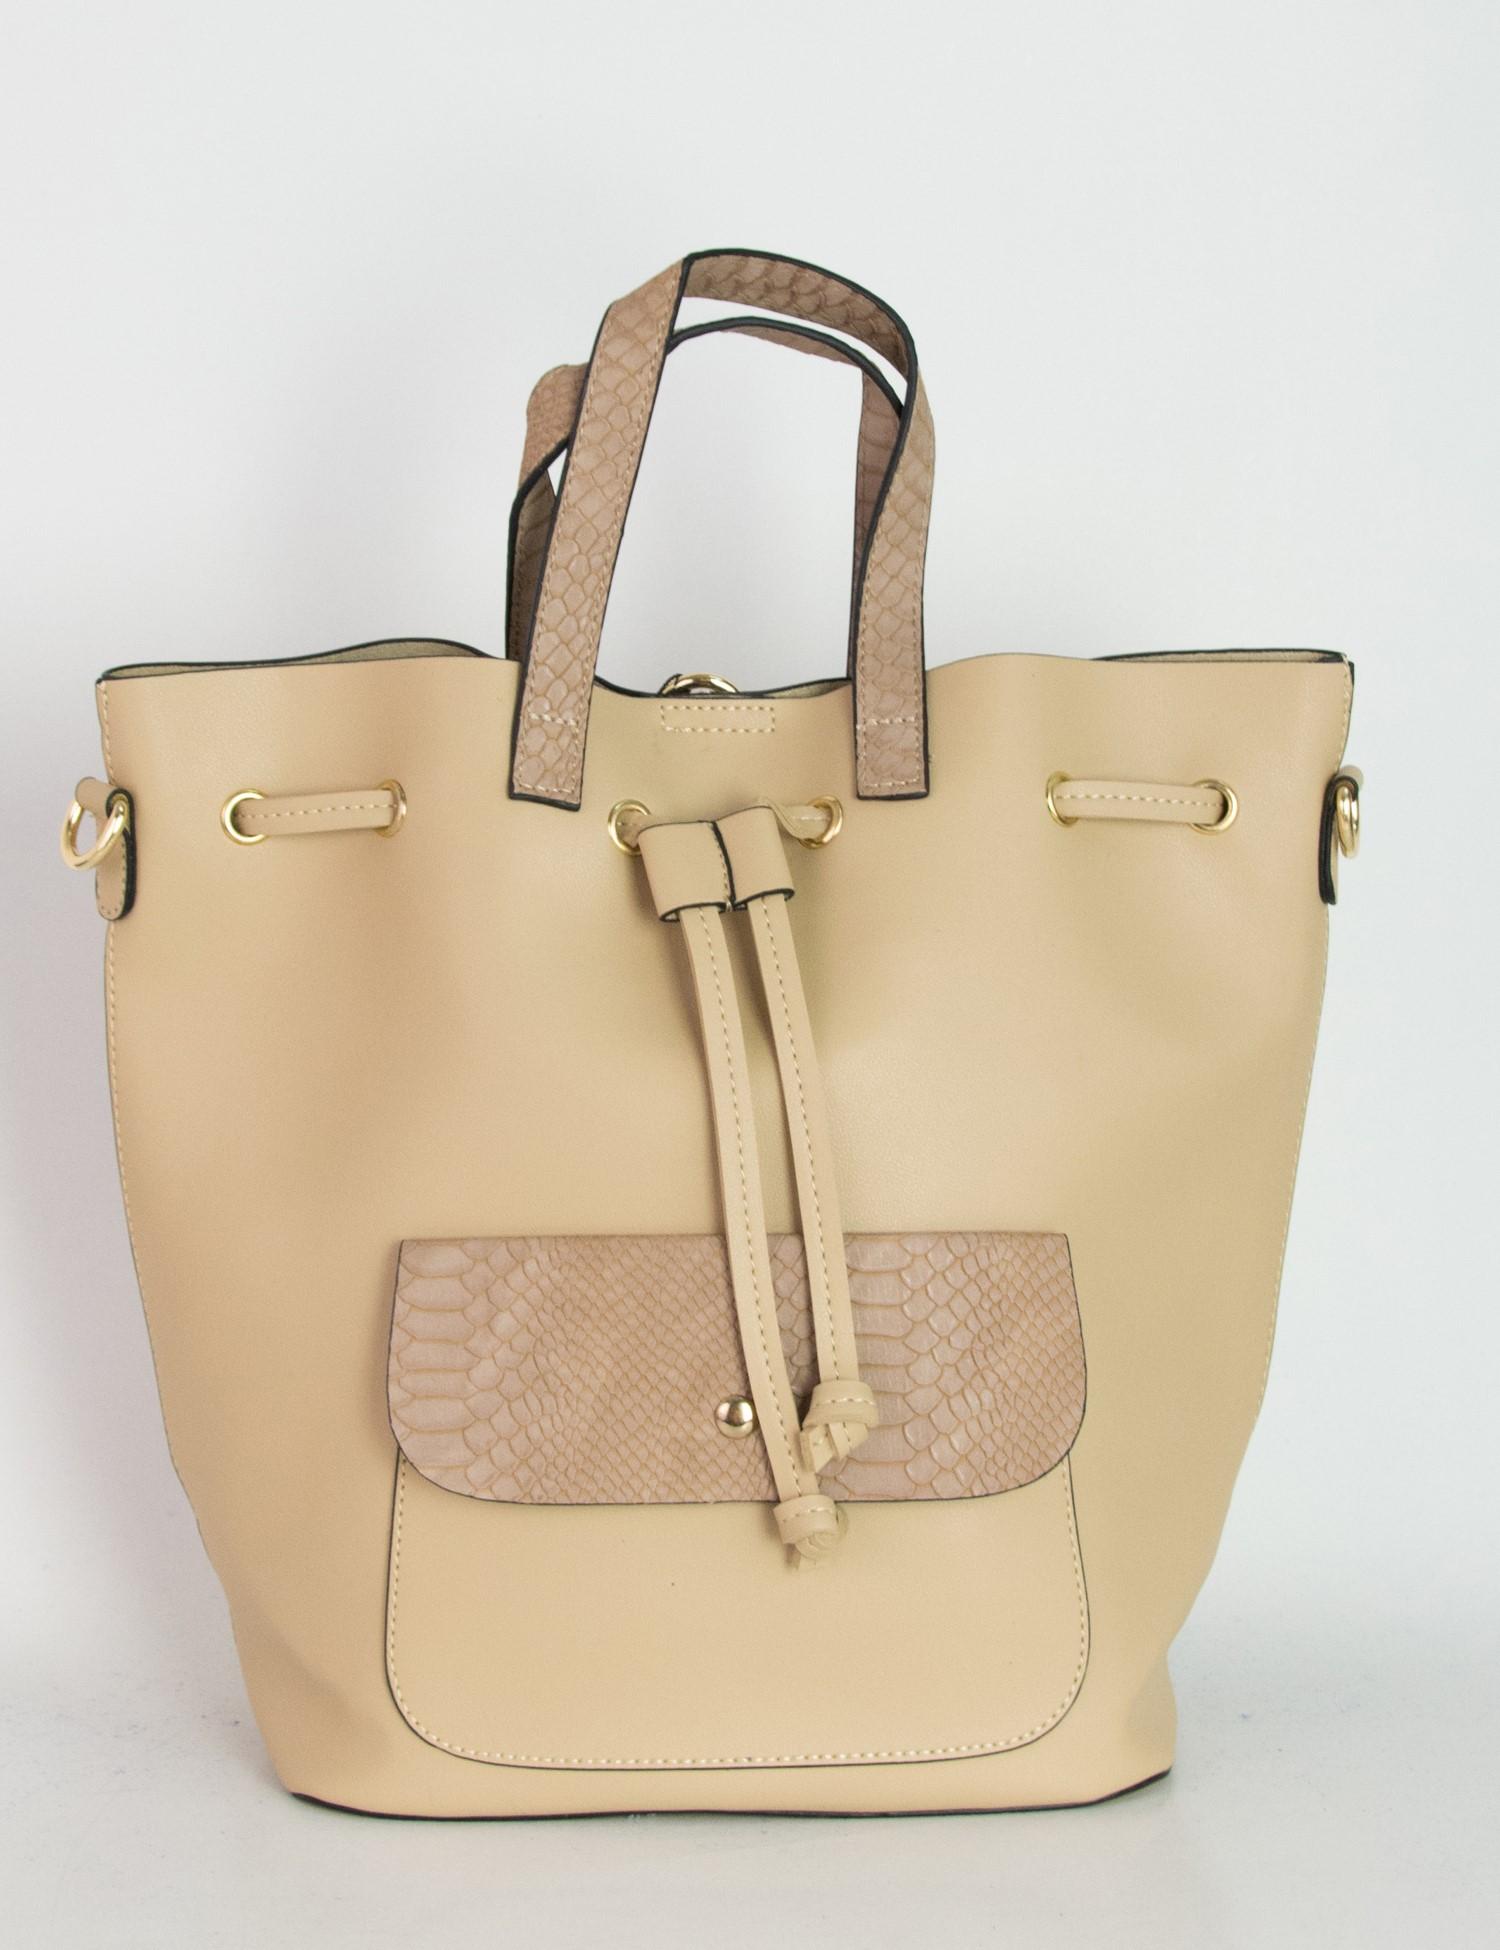 1ab4ebca26 Γυναικεία μπεζ τσάντα ώμου πουγκί κρόκο σχέδιο 6060G